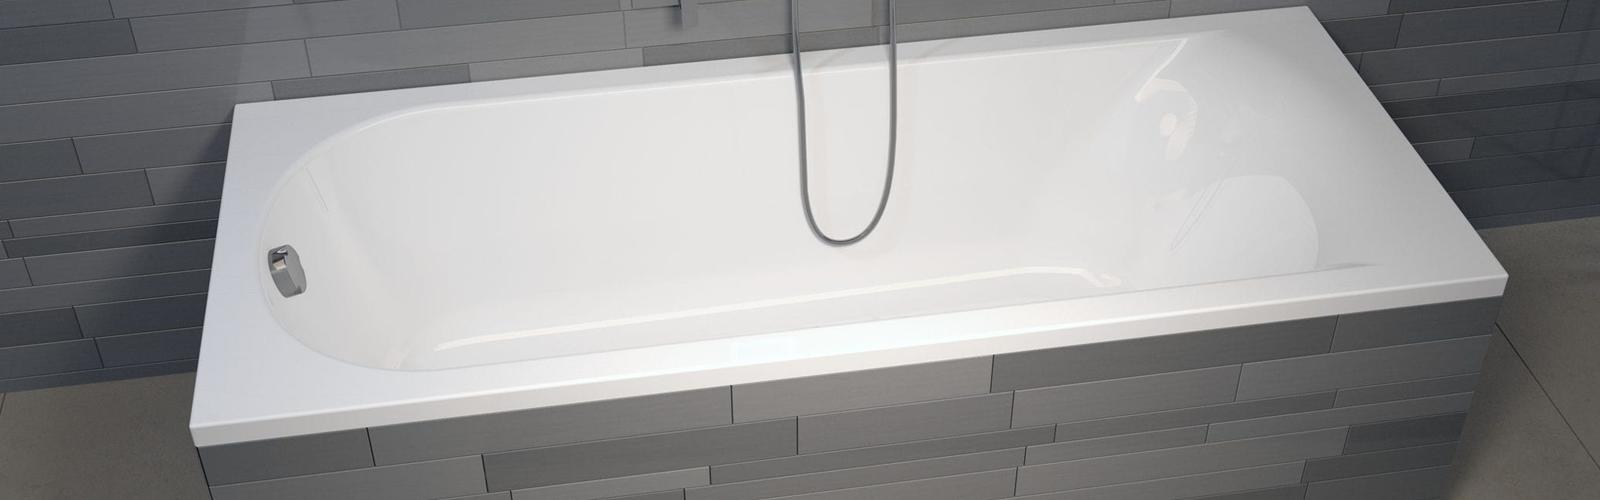 Trasformazione vasca in doccia milano sovrapposizione - Rismaltatura vasca da bagno milano ...